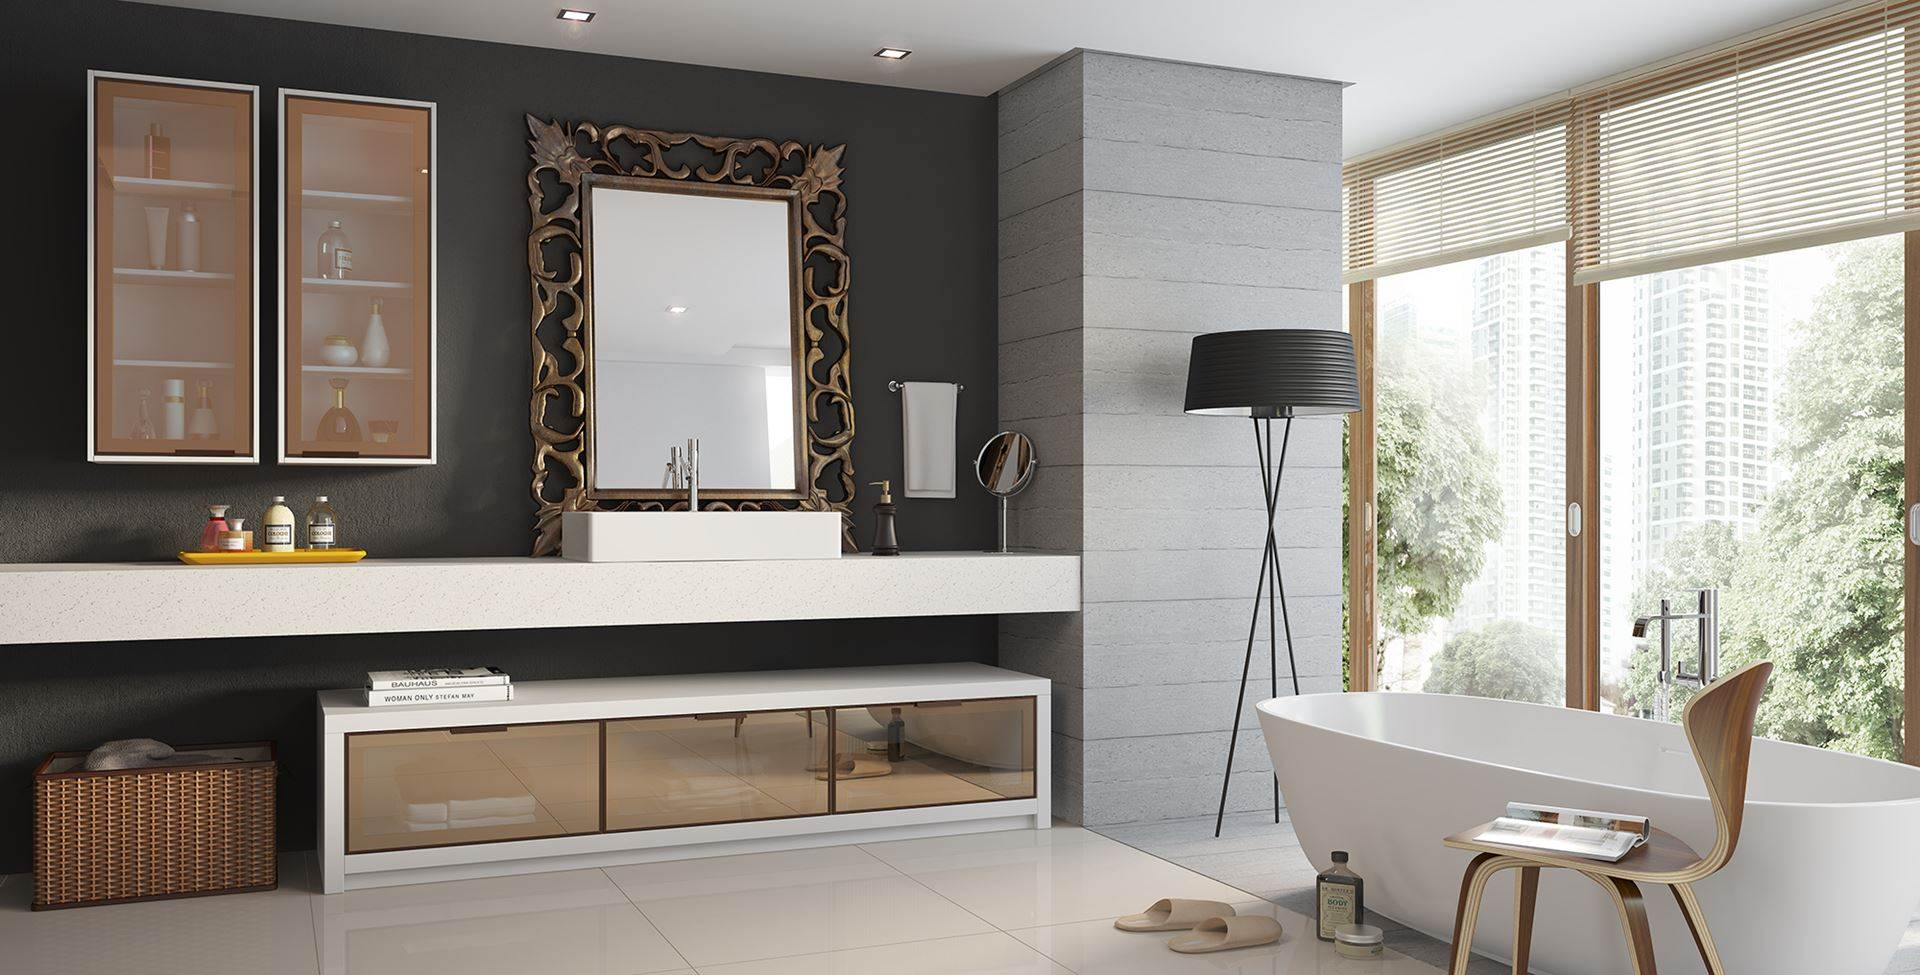 Movel De Banheiro Planejado : Banheiros planejados modelos e fotos incr?veis